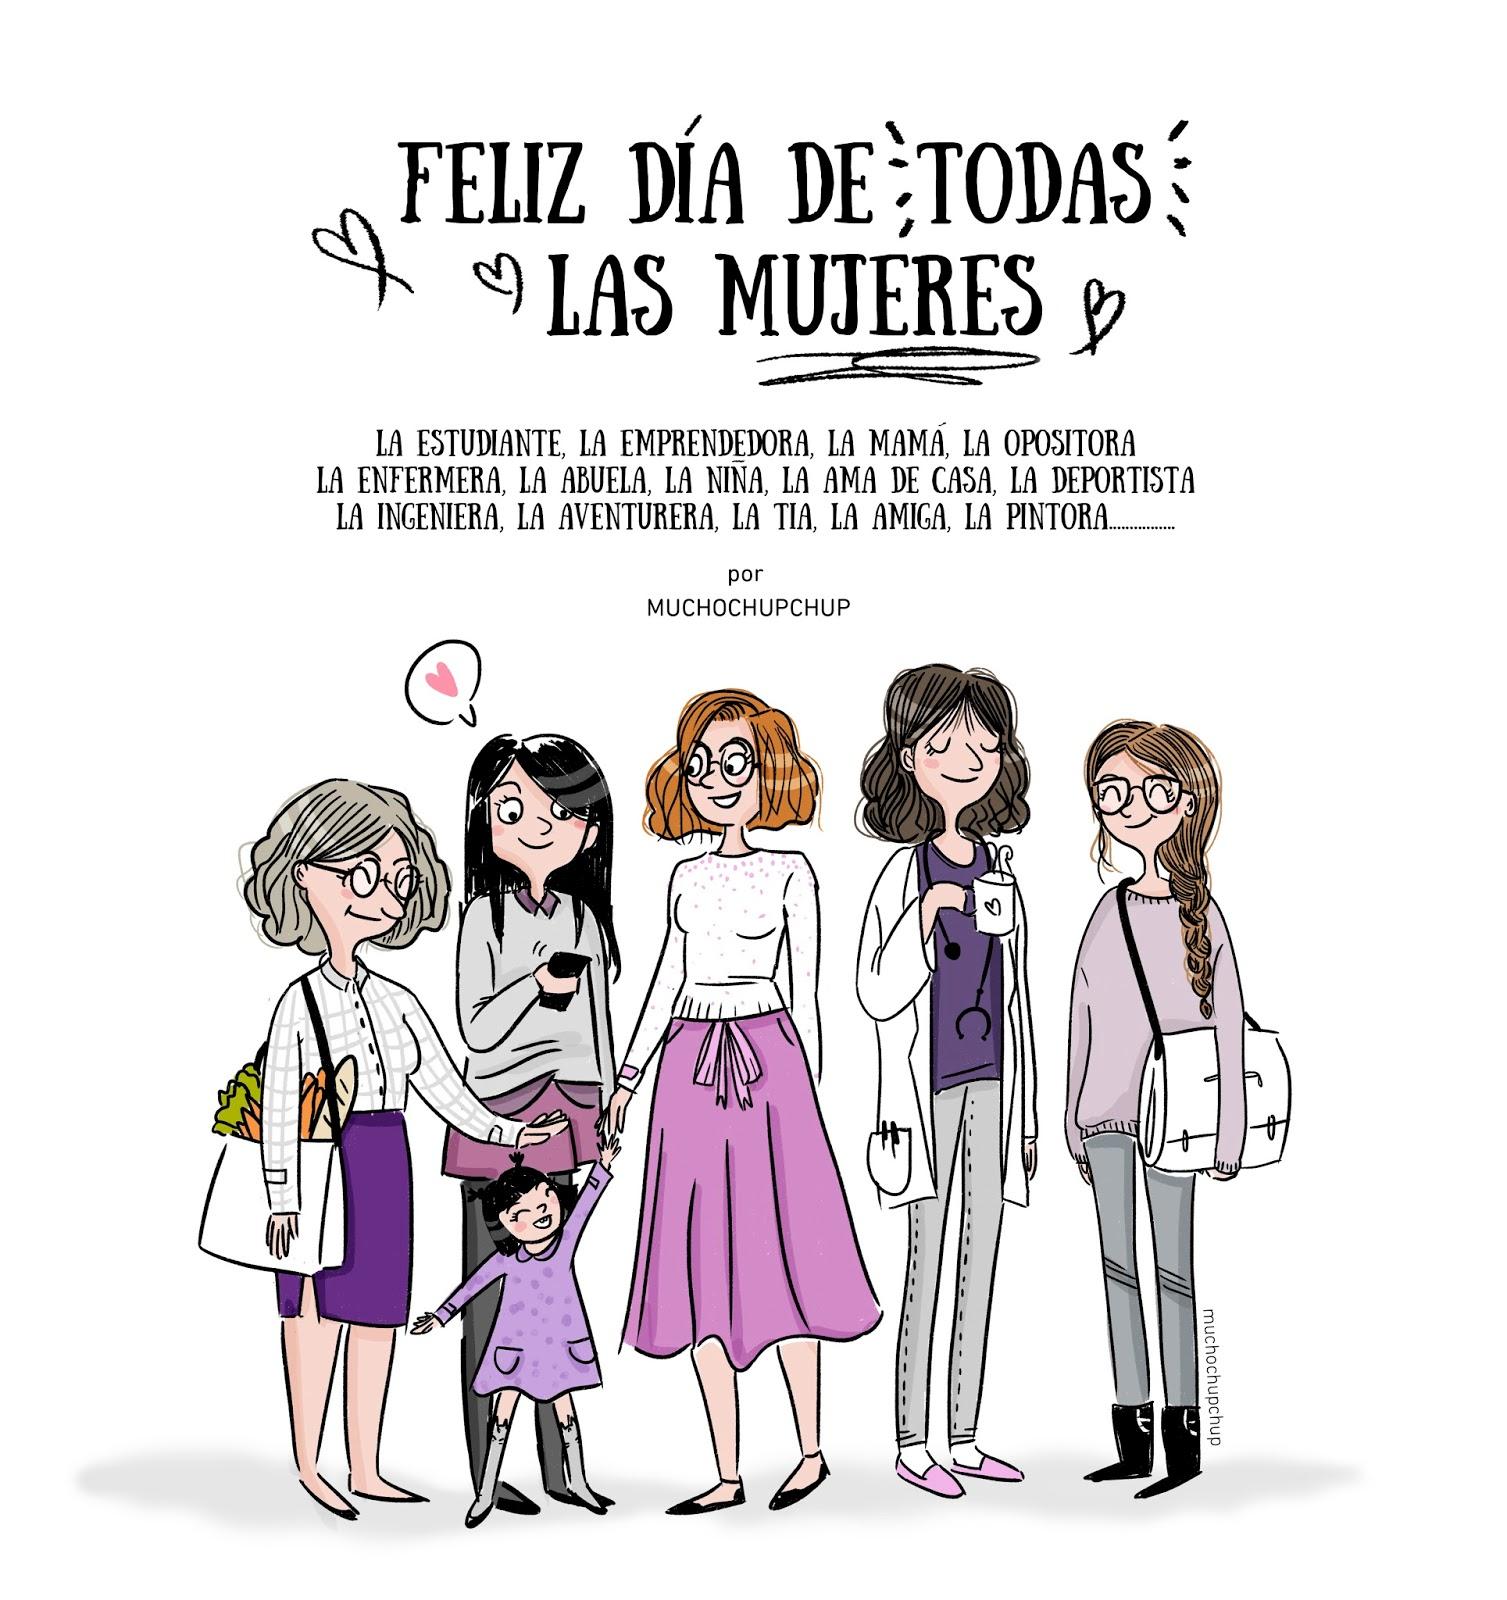 Dia De La Mujer You Are The One Porque somos el pilar de nuestras familias, corazón de nuestro trabajo e impulso de nuestra propia superación. dia de la mujer you are the one